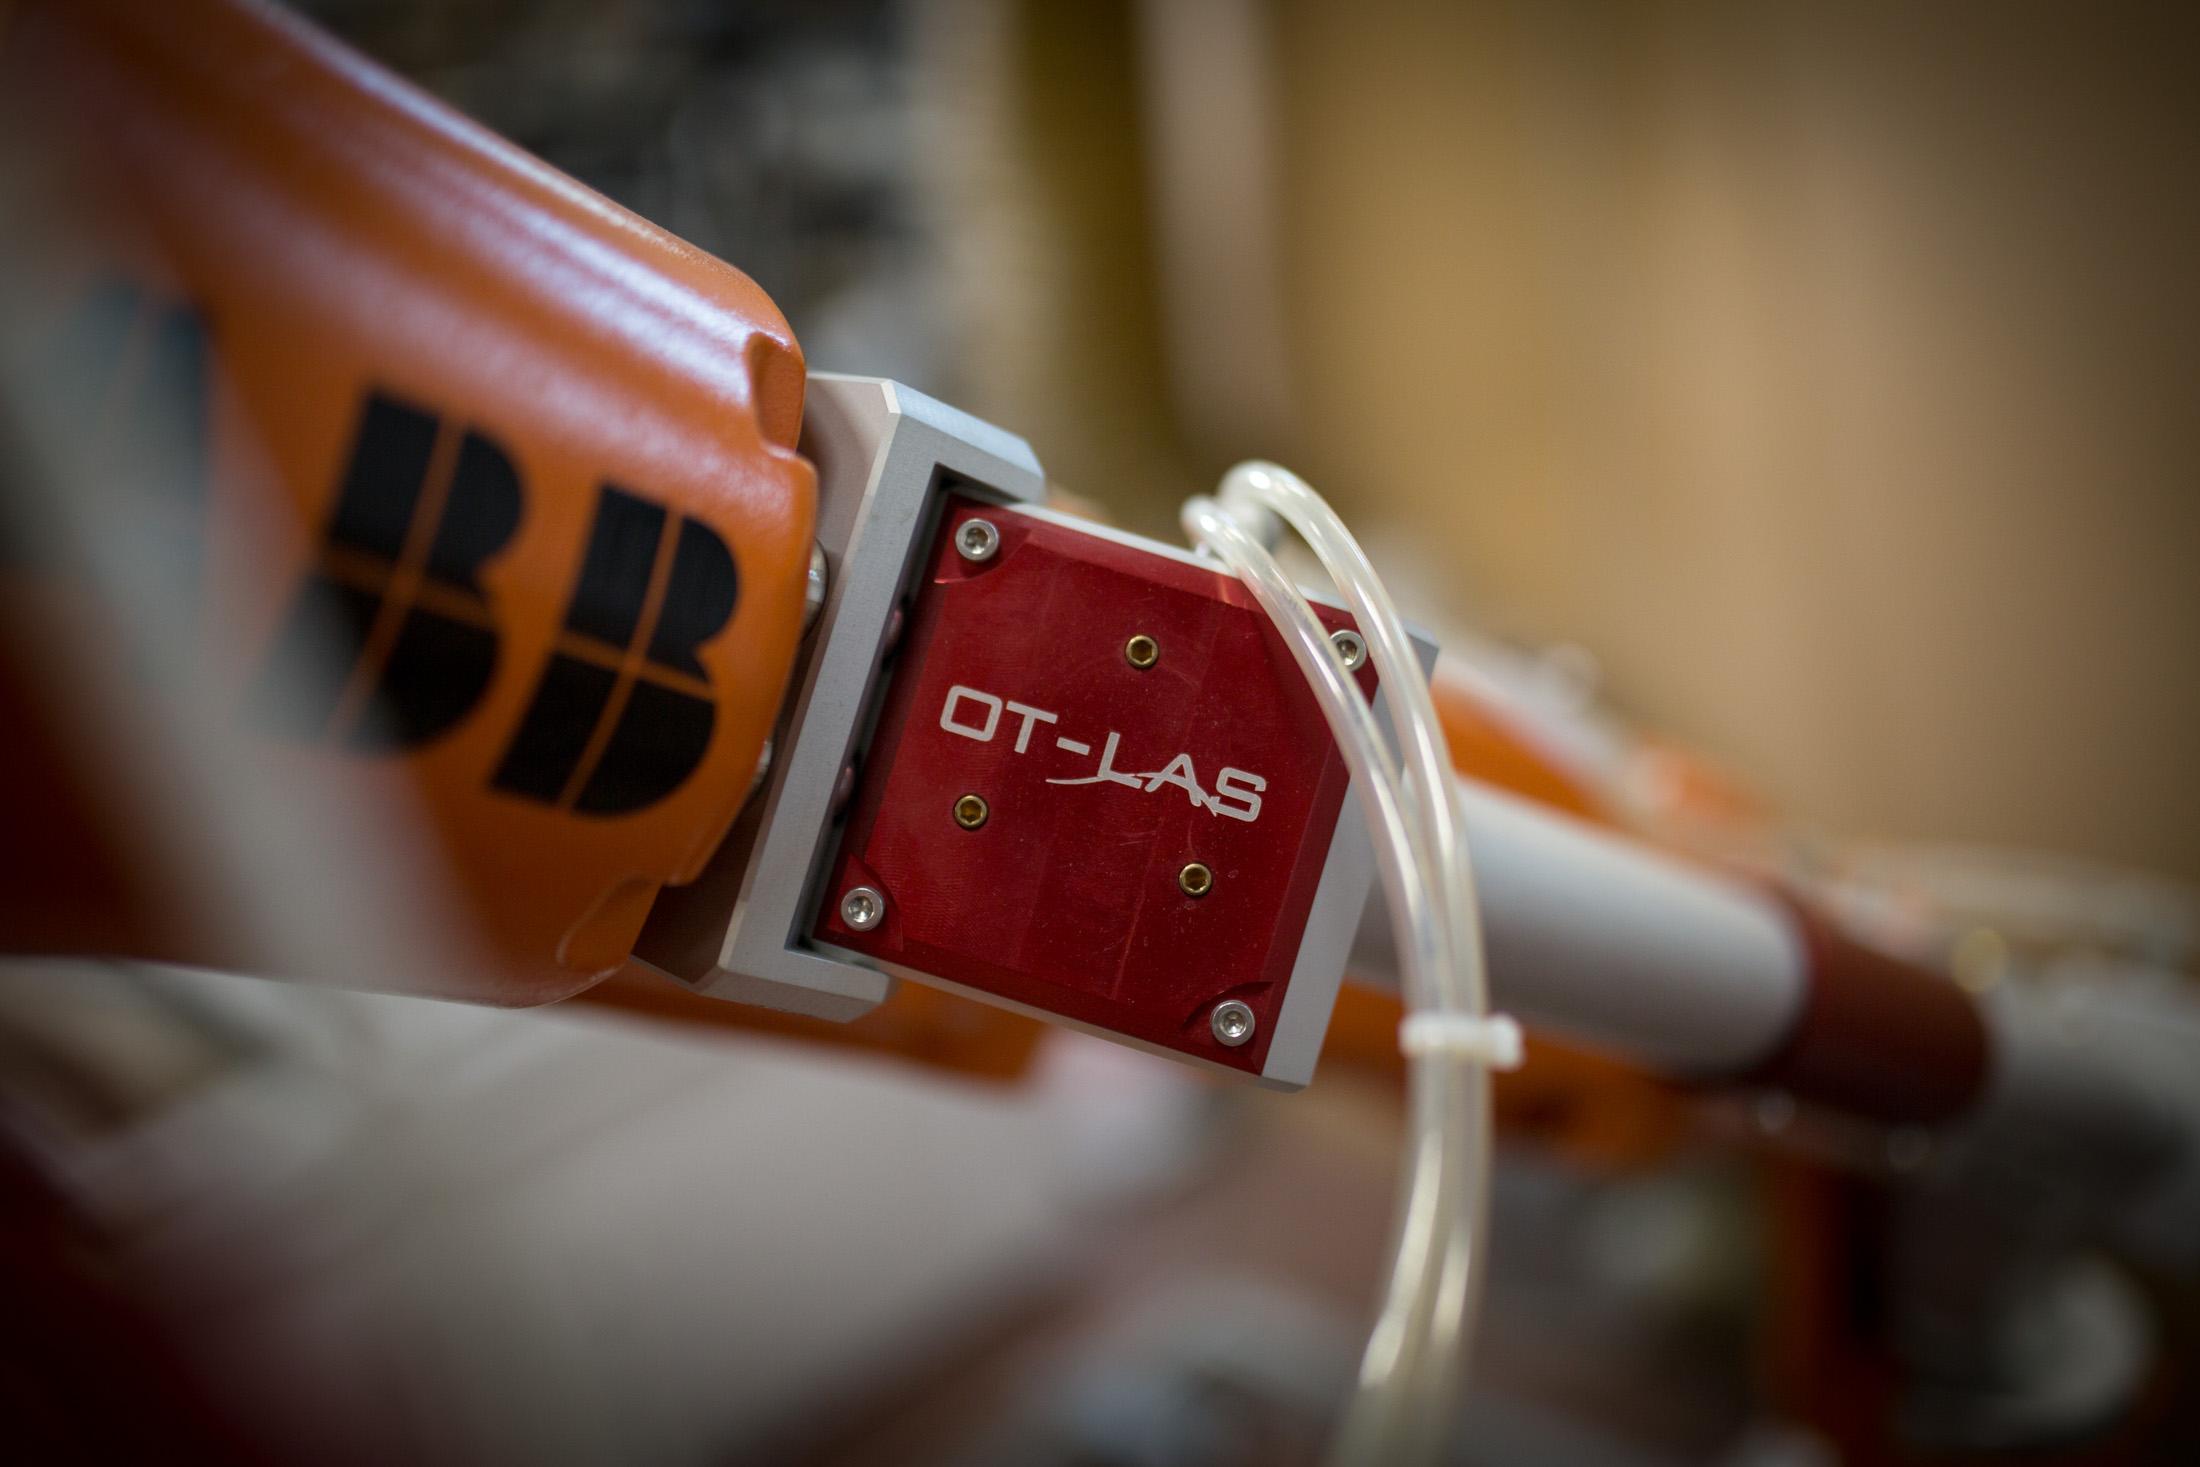 Particolare robot laser RX Ot-las